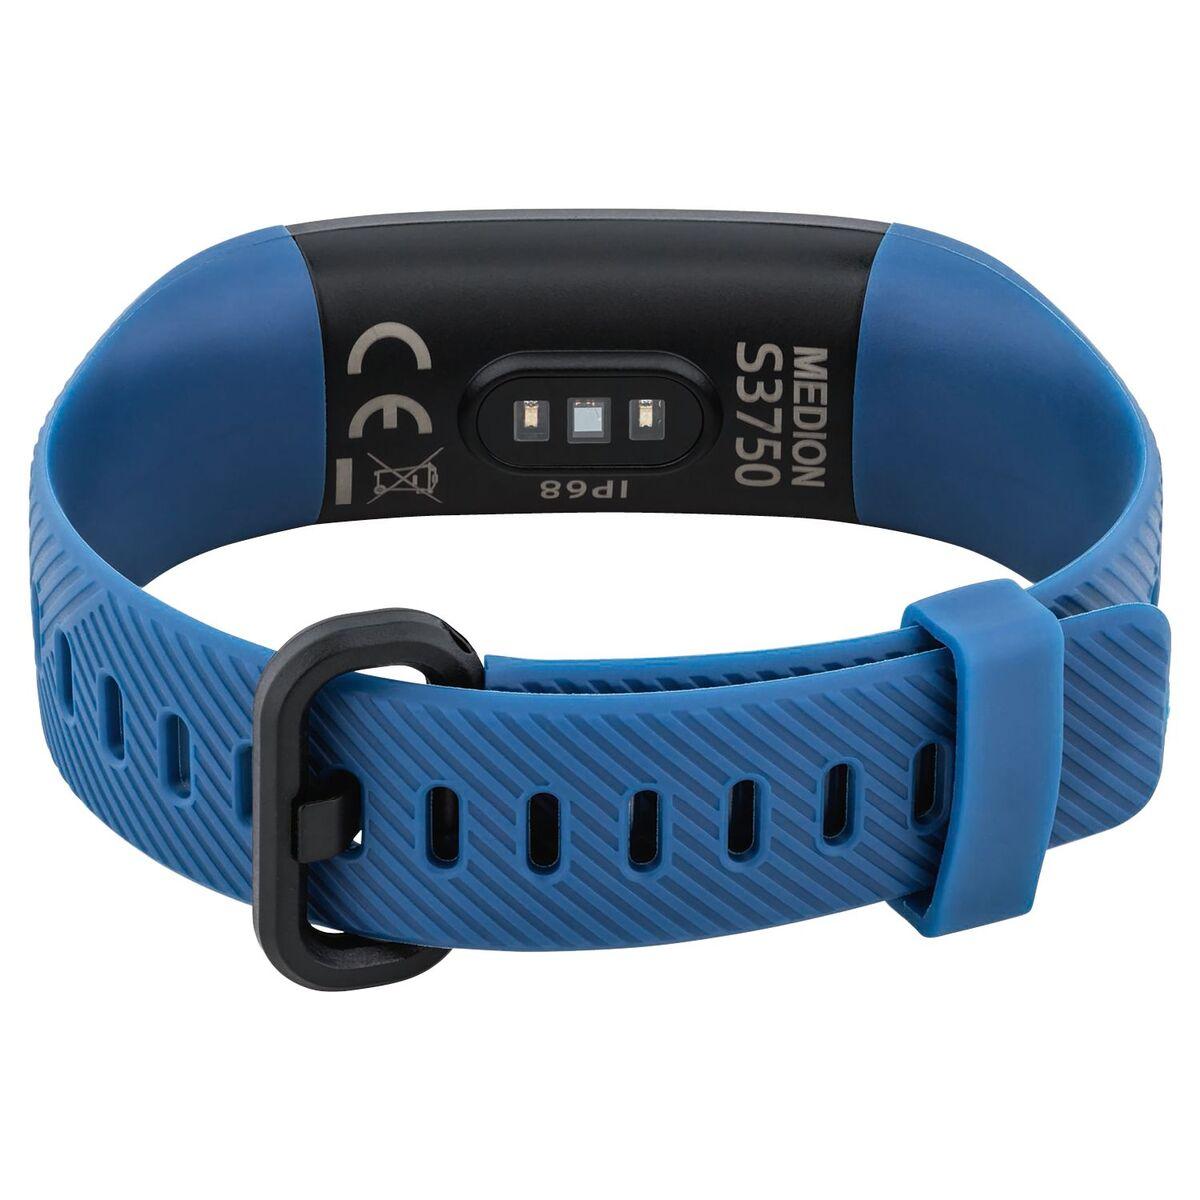 Bild 3 von MEDION® Fitnessarmband MEDION®  Life S3750 mit Herzfrequenzmesser